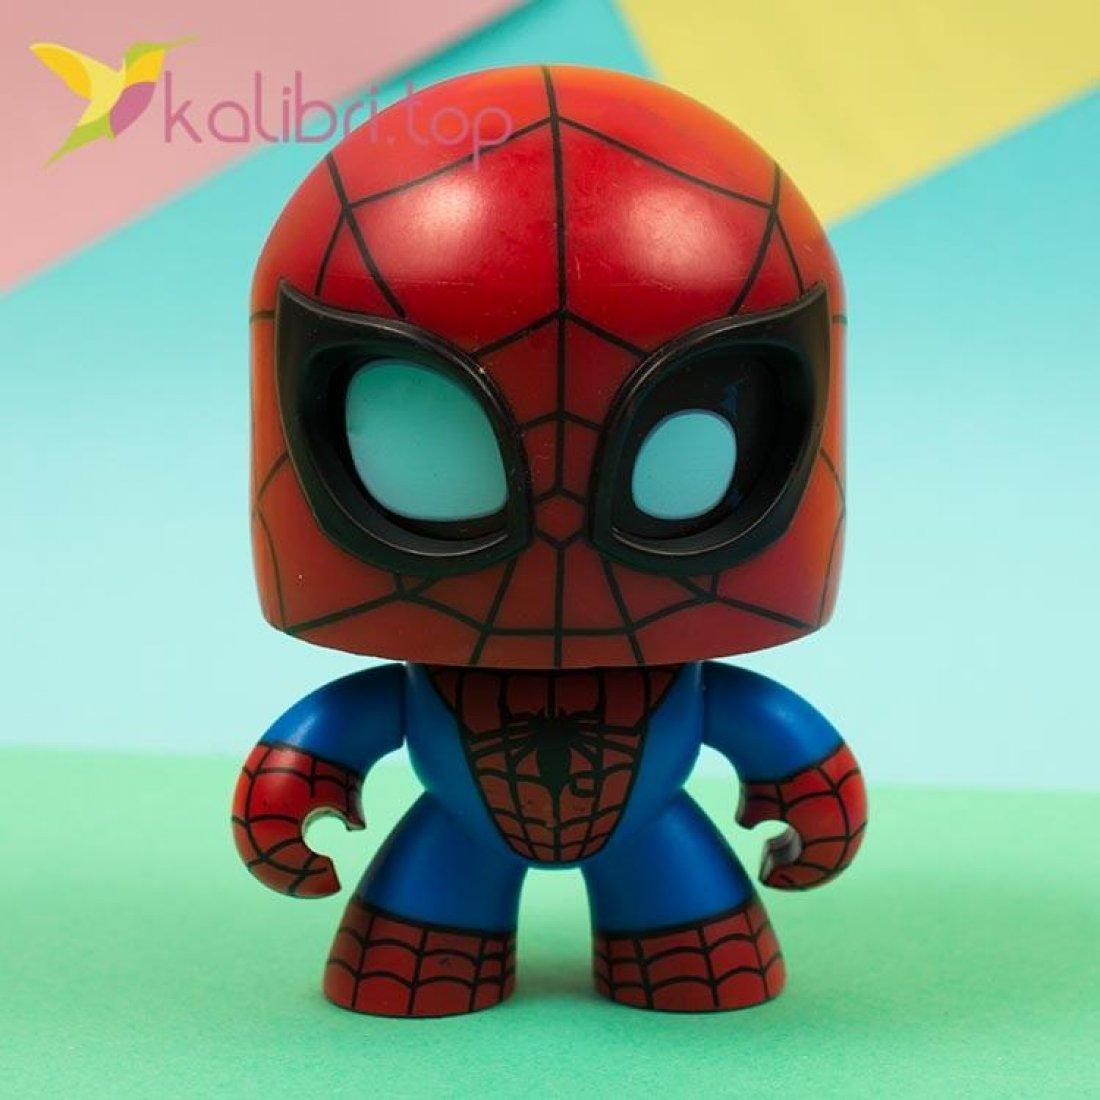 Детская игрушка Супер Герои, оптом фото 2